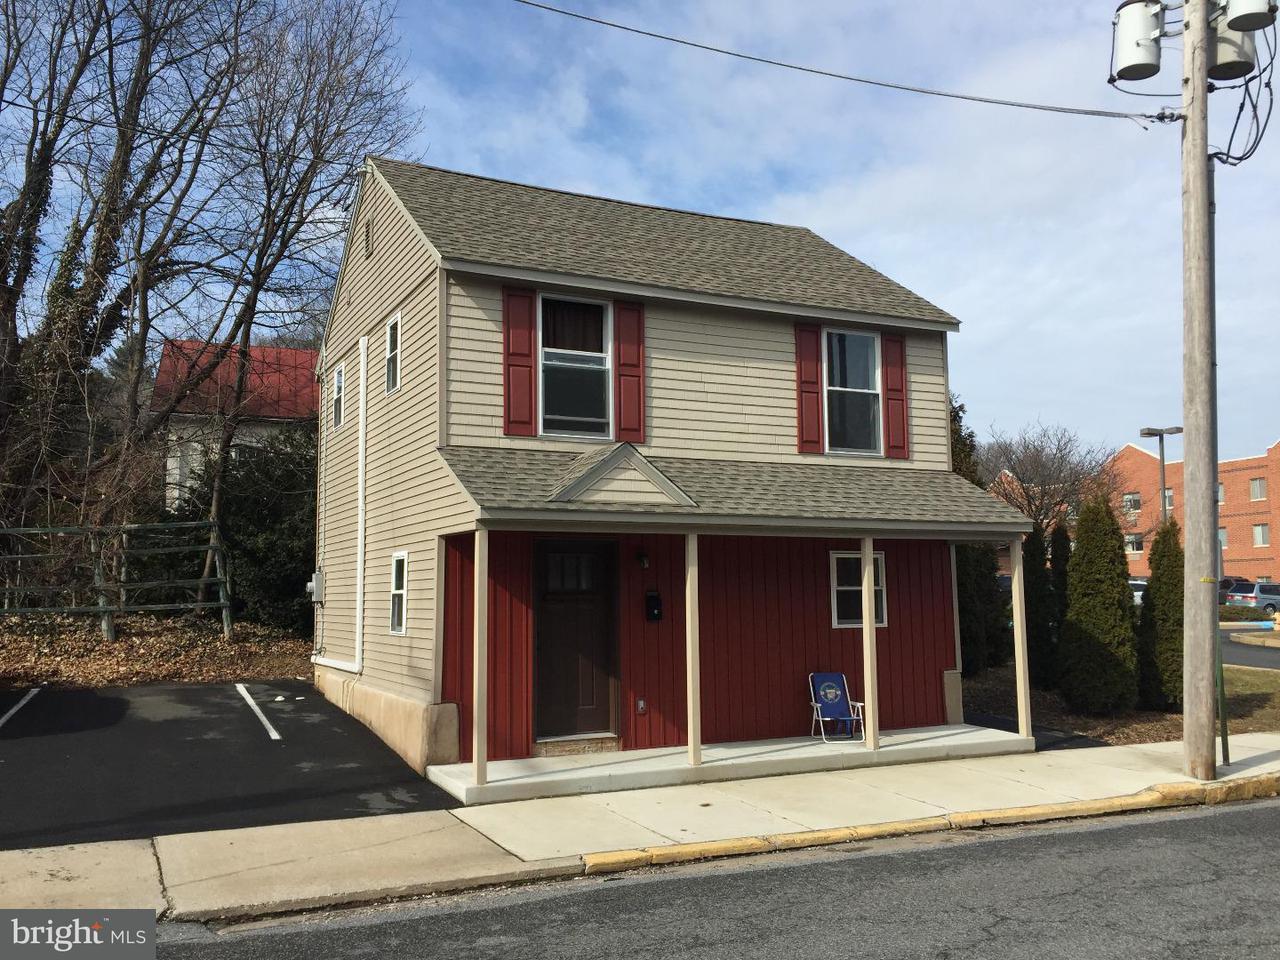 Casa Unifamiliar por un Alquiler en 7 N WALNUT Street Boyertown, Pennsylvania 19512 Estados Unidos